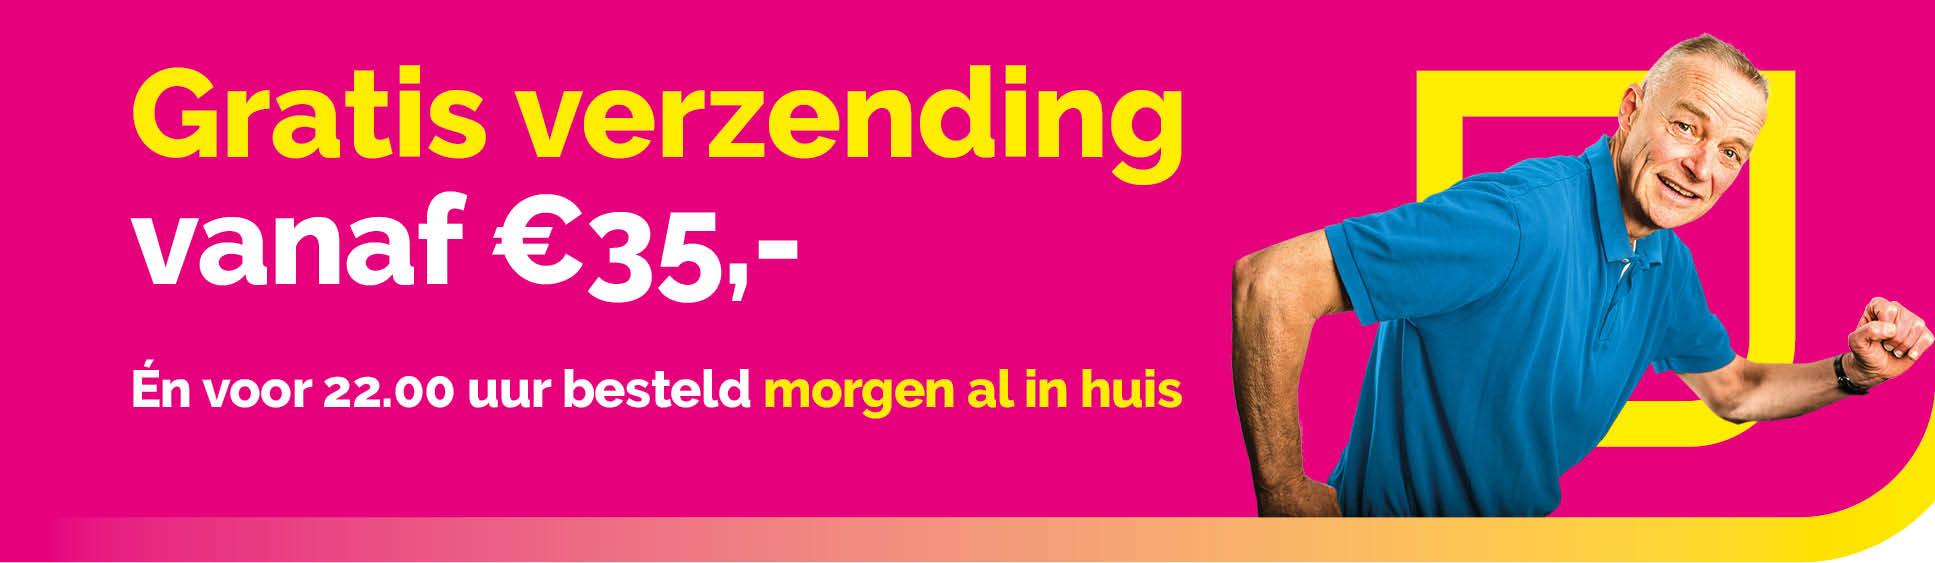 Gratis verzending vanaf 35 euro!